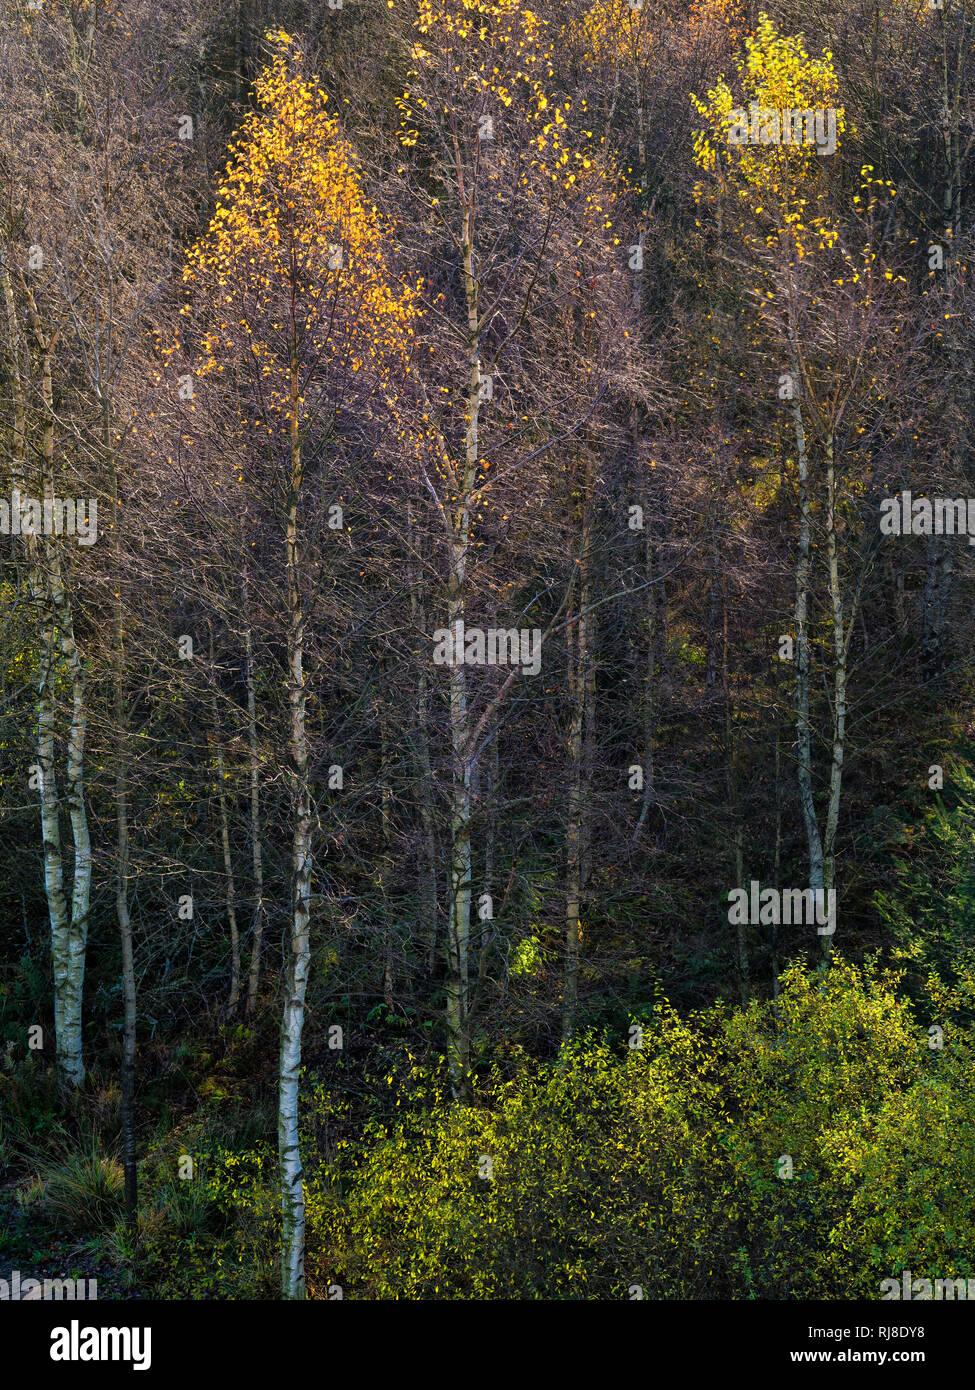 Deutschland, Bayern, Naturpark Bayrische Rhön, UNESCO-Biosphärenreservat, Naturschutzgebiet Schwarzes Moor, Moorgräser, Birken im Gegenlicht, glitzern Stock Photo